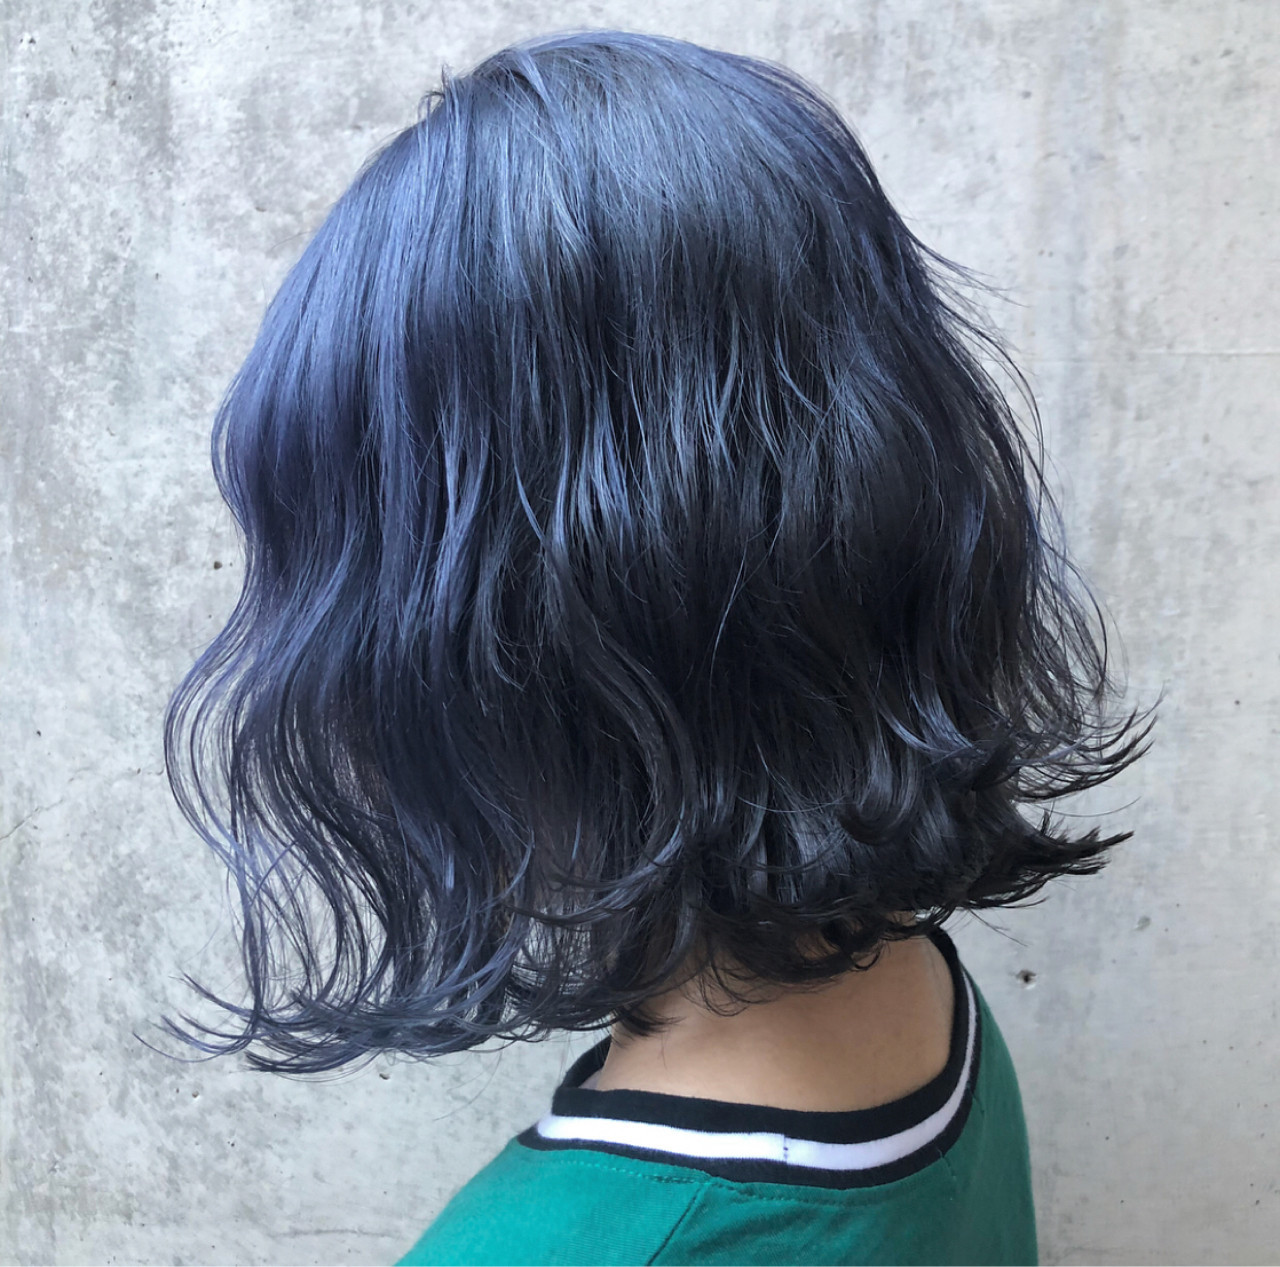 ストリート ブルーブラック 外国人風カラー ネイビー ヘアスタイルや髪型の写真・画像